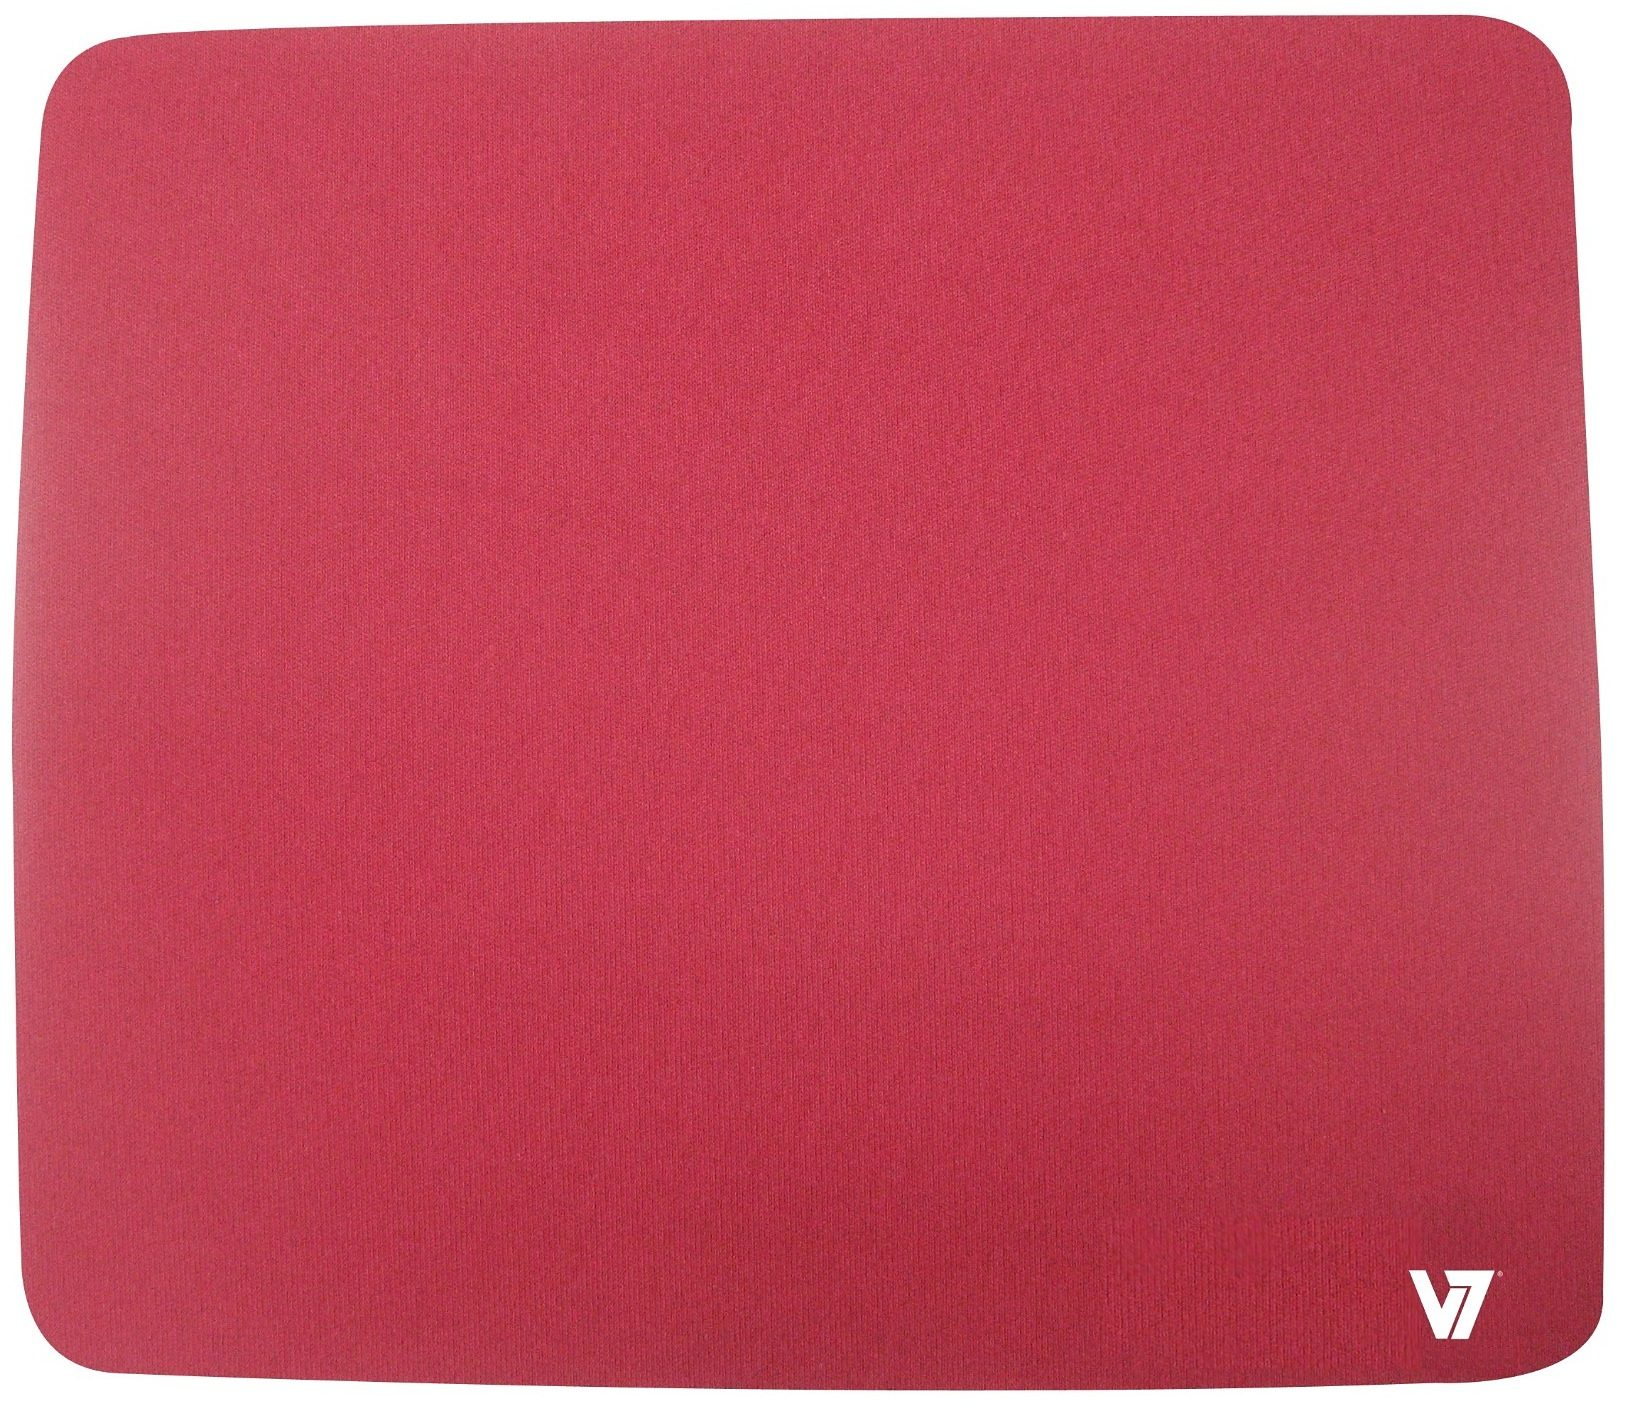 V7 Zubehör »Maus Pad - Rot«